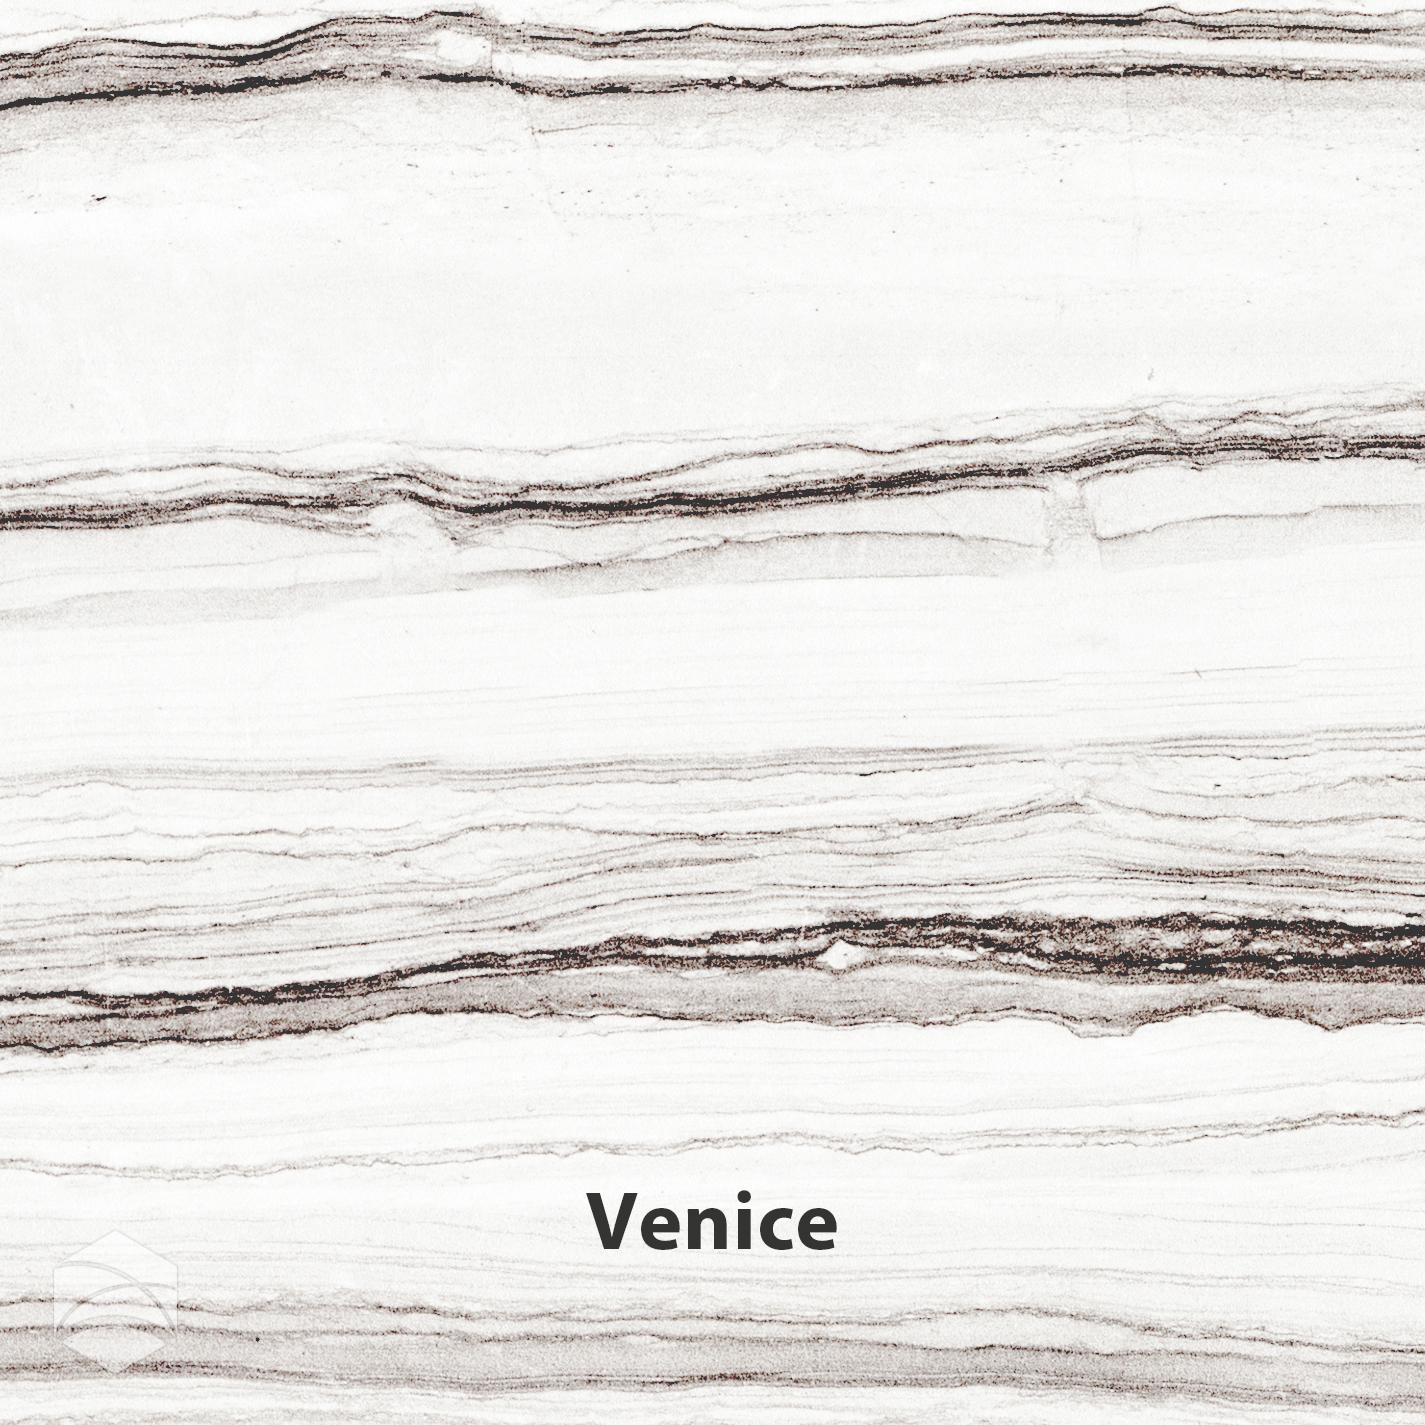 Venice_V2_14x14.jpg